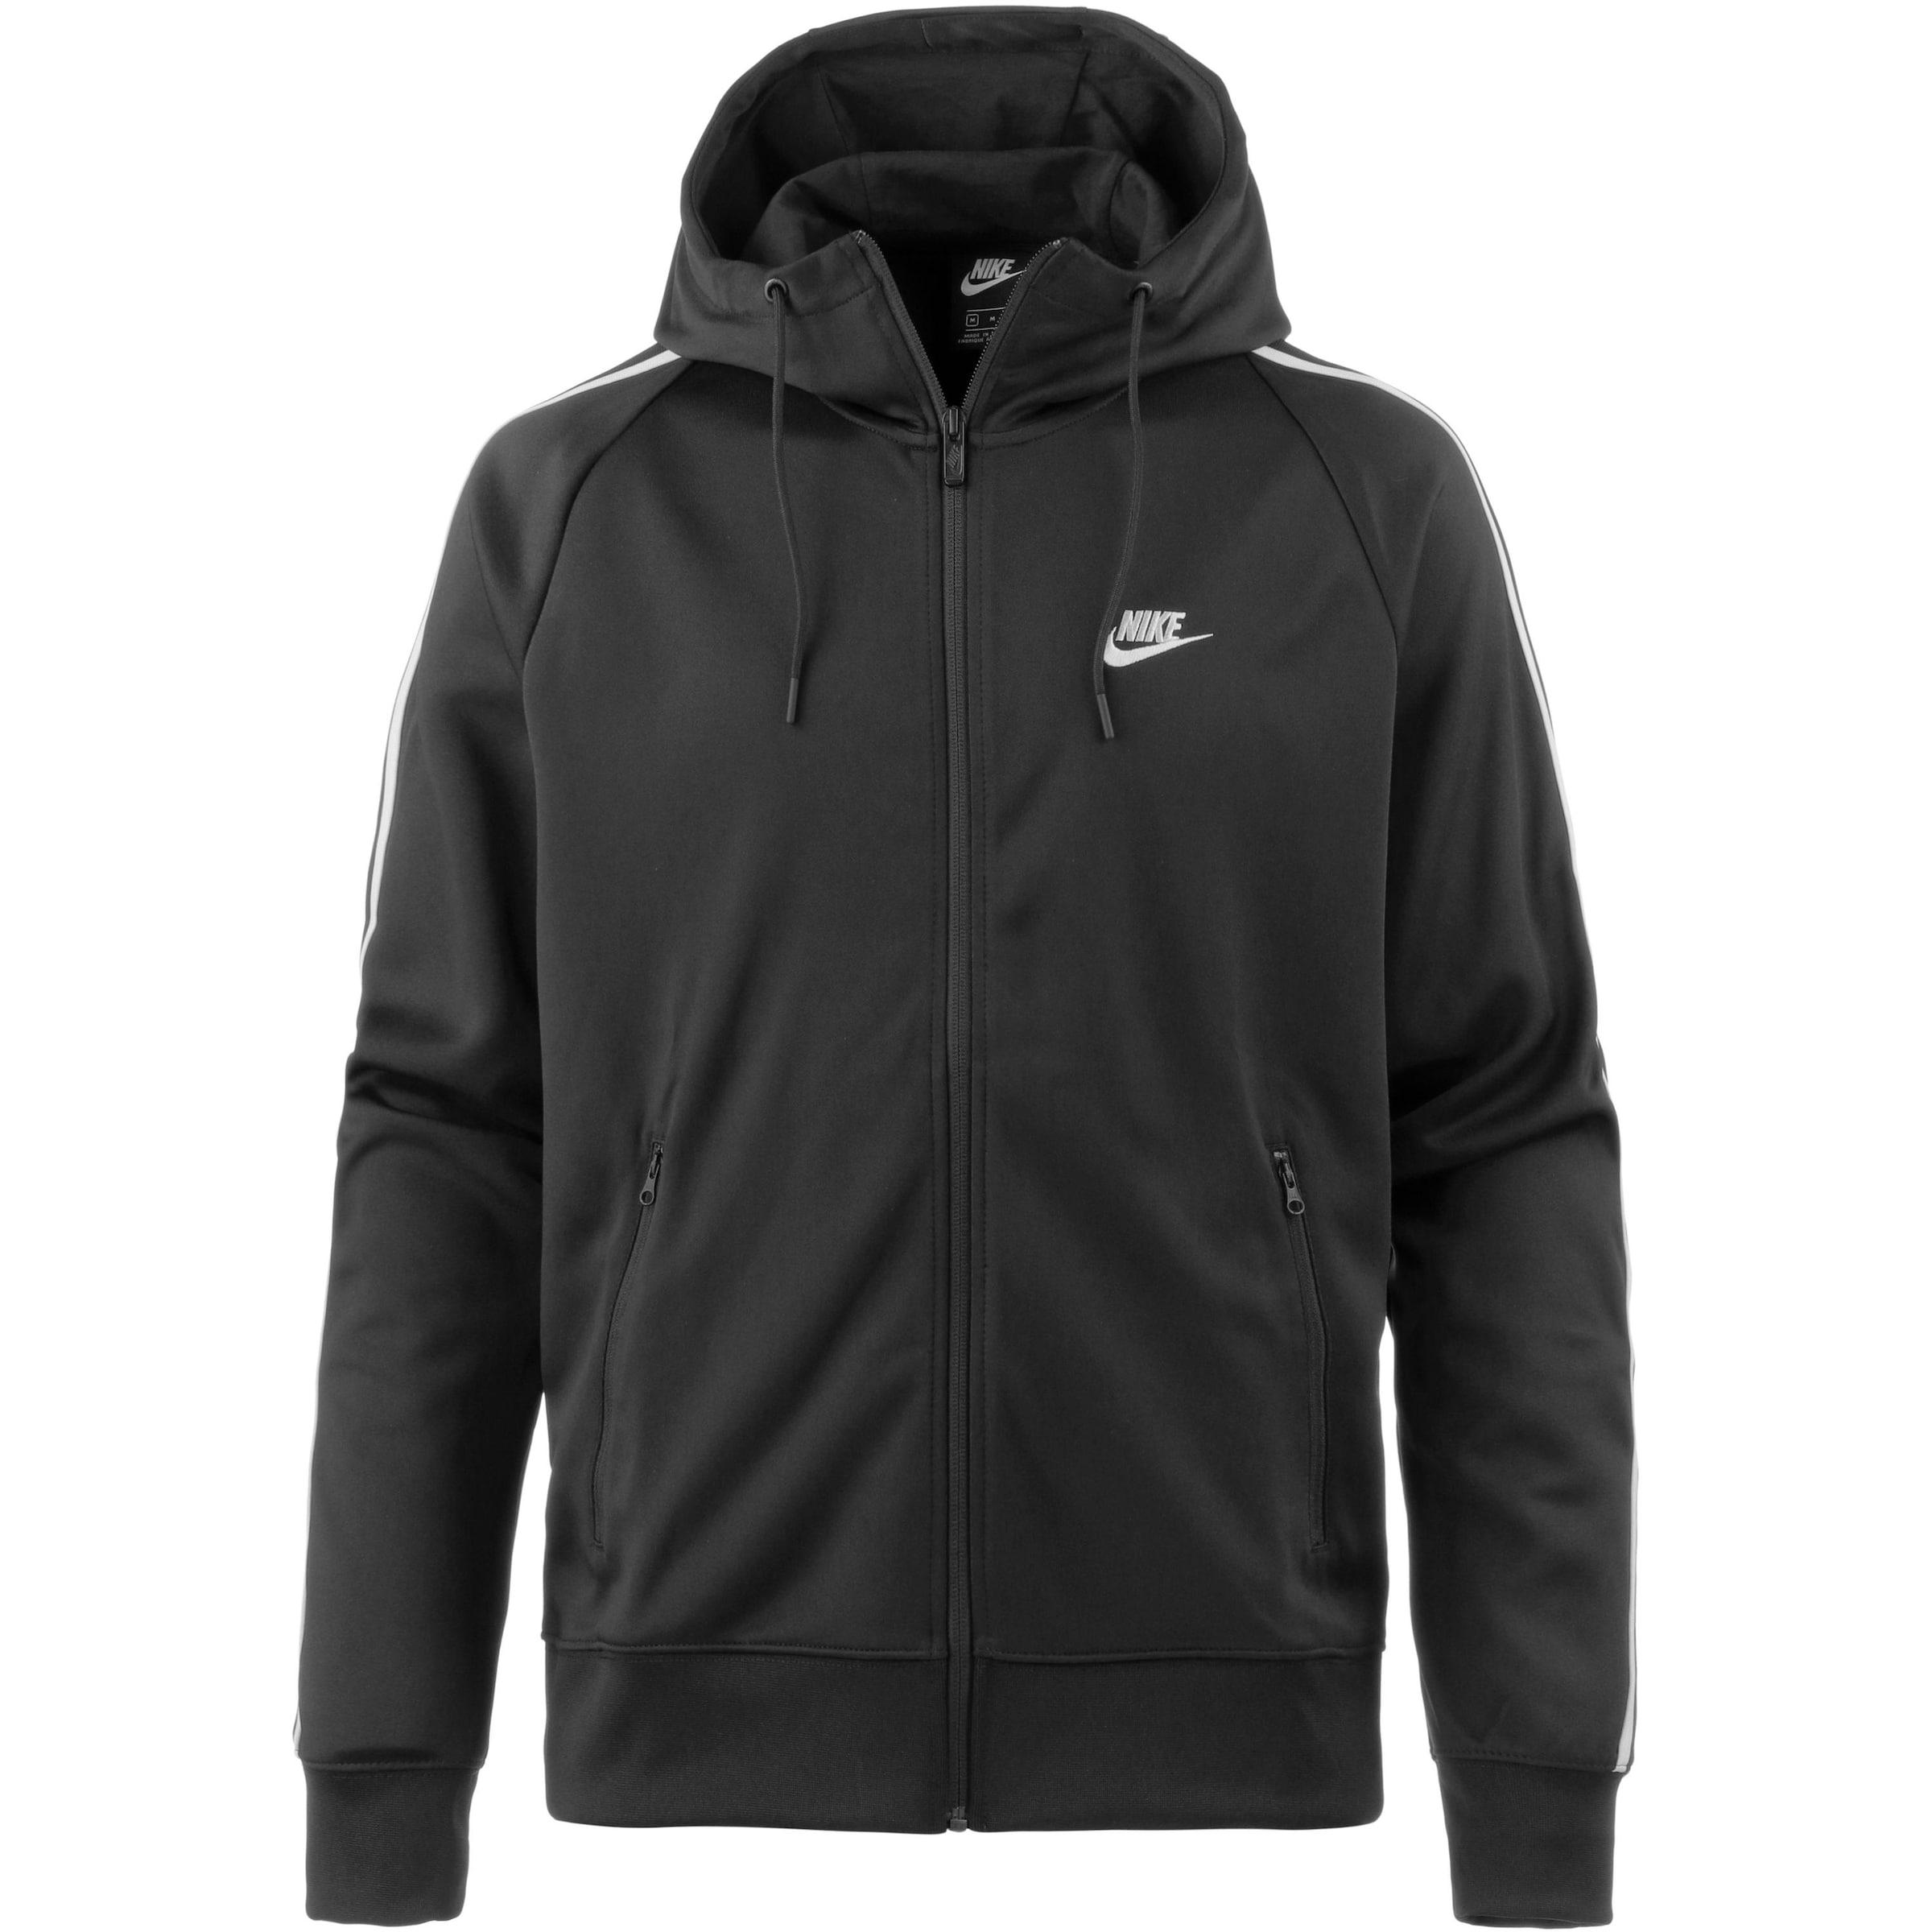 In SchwarzWeiß Nike Sportswear Tribute' Jacke 'nsw uOPTkXZi